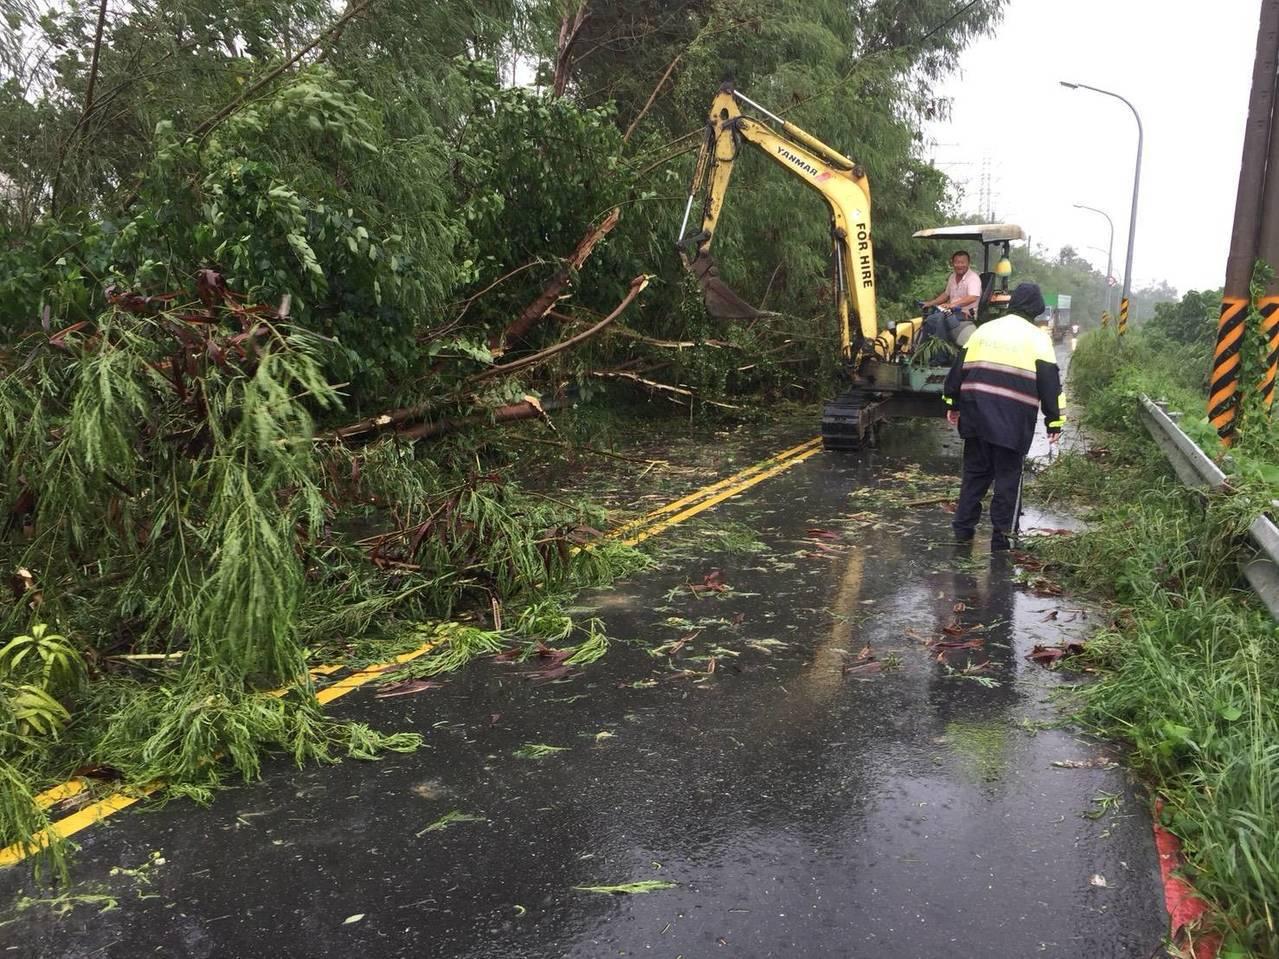 府安堤頂道路因路樹倒塌交通受阻,熱心民眾開怪手來幫忙三分局員警清除。圖/員警提供